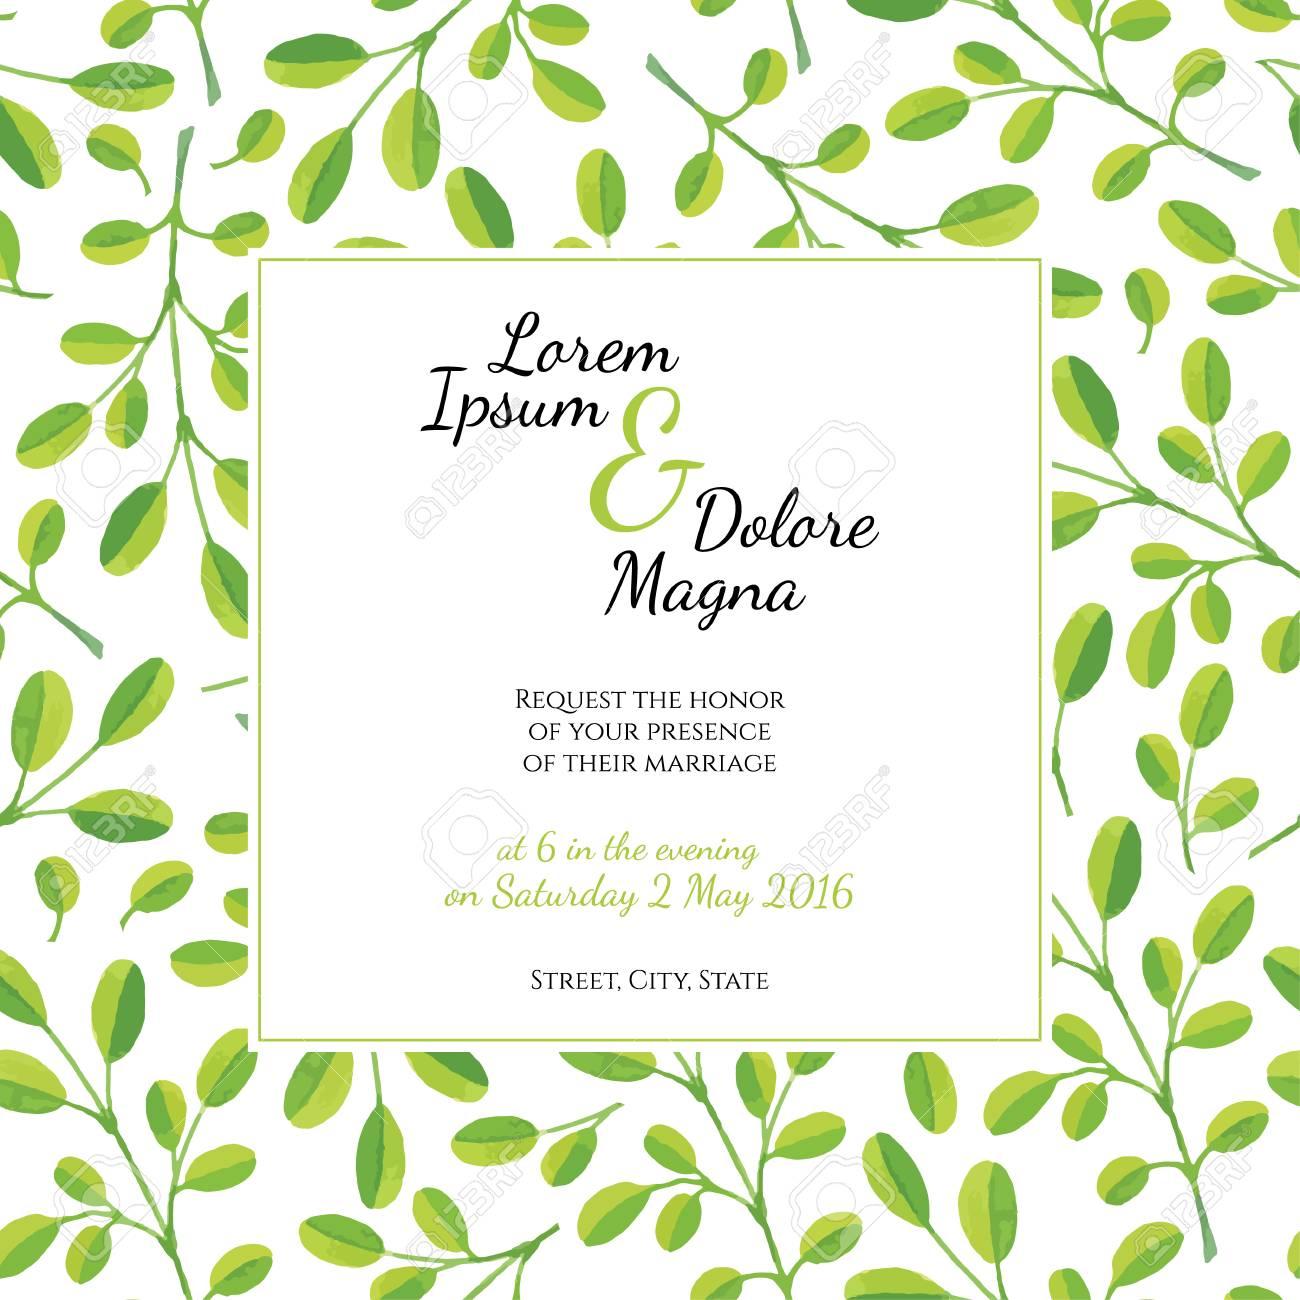 Tarjeta De Invitación Con Plantilla De Acuarela Hojas Vector Para Invitaciones De Boda Volantes Tarjetas Postales Tarjetas Y Así Sucesivamente